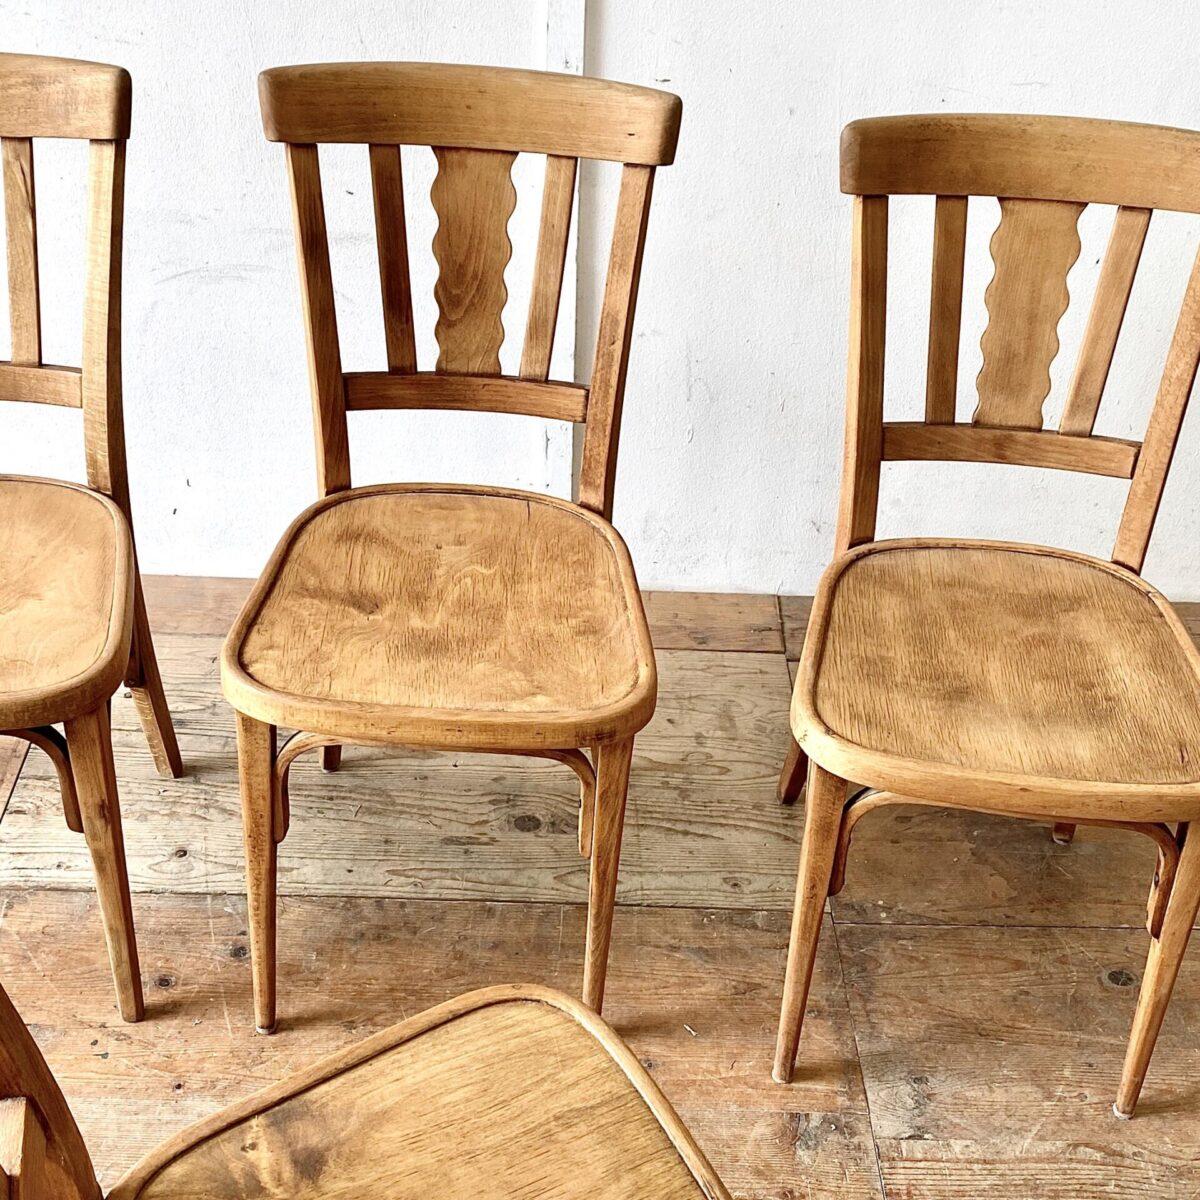 4er Set Bistrostühle von horgenglarus. Diese Stühle wurden mal geschliffen und geölt. Sie haben eine schöne warm-matte Farbe, und trotzdem noch etwas Alterspatina. Technisch sind sie in stabilem funktionalen Zustand.